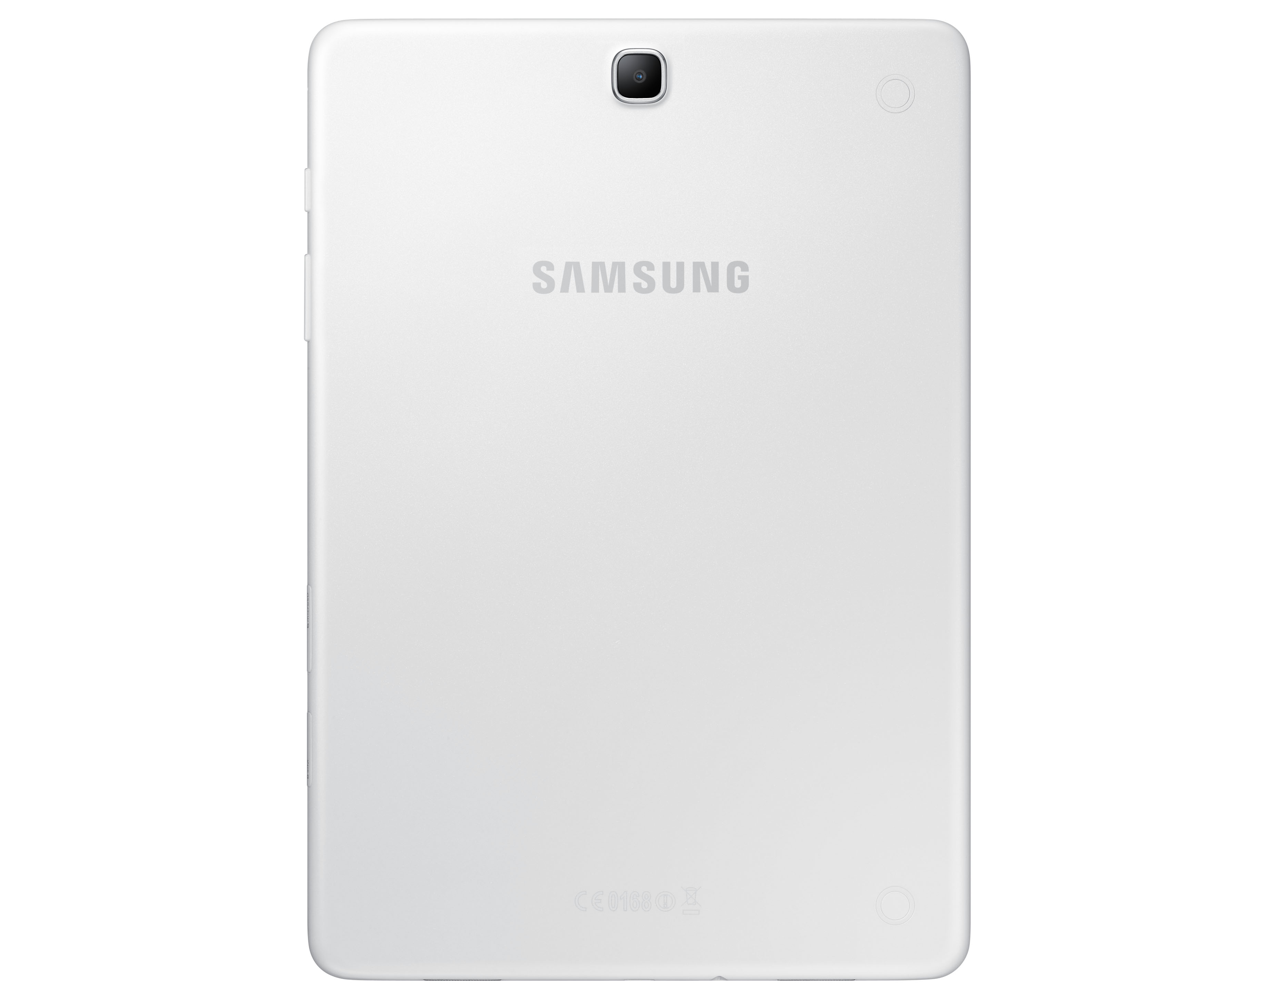 Samsung-Galaxy-Tab-A-9.7